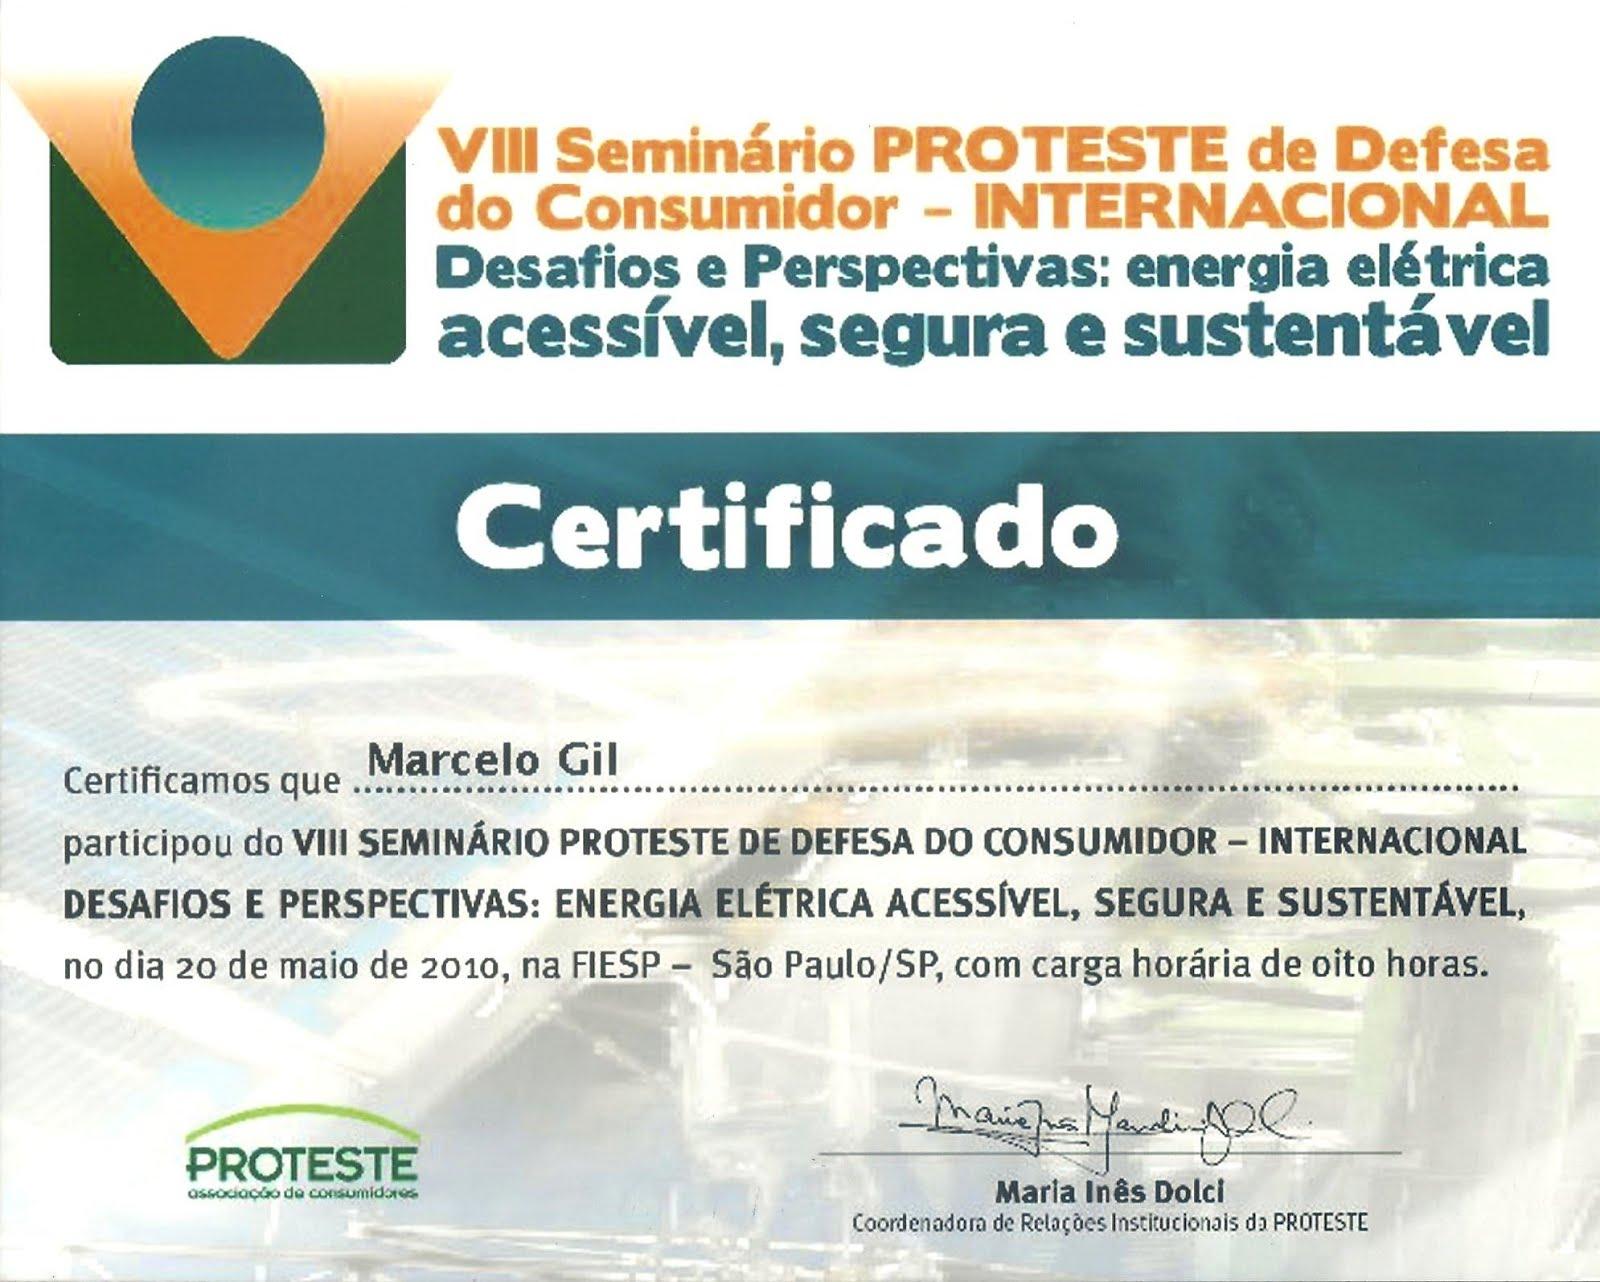 CERTIFICADO DE PARTICIPAÇÃO EM SEMINÁRIO DA ASSOCIAÇÃO BRASILEIRA DE DEFESA DO CONSUMIDOR / 2010